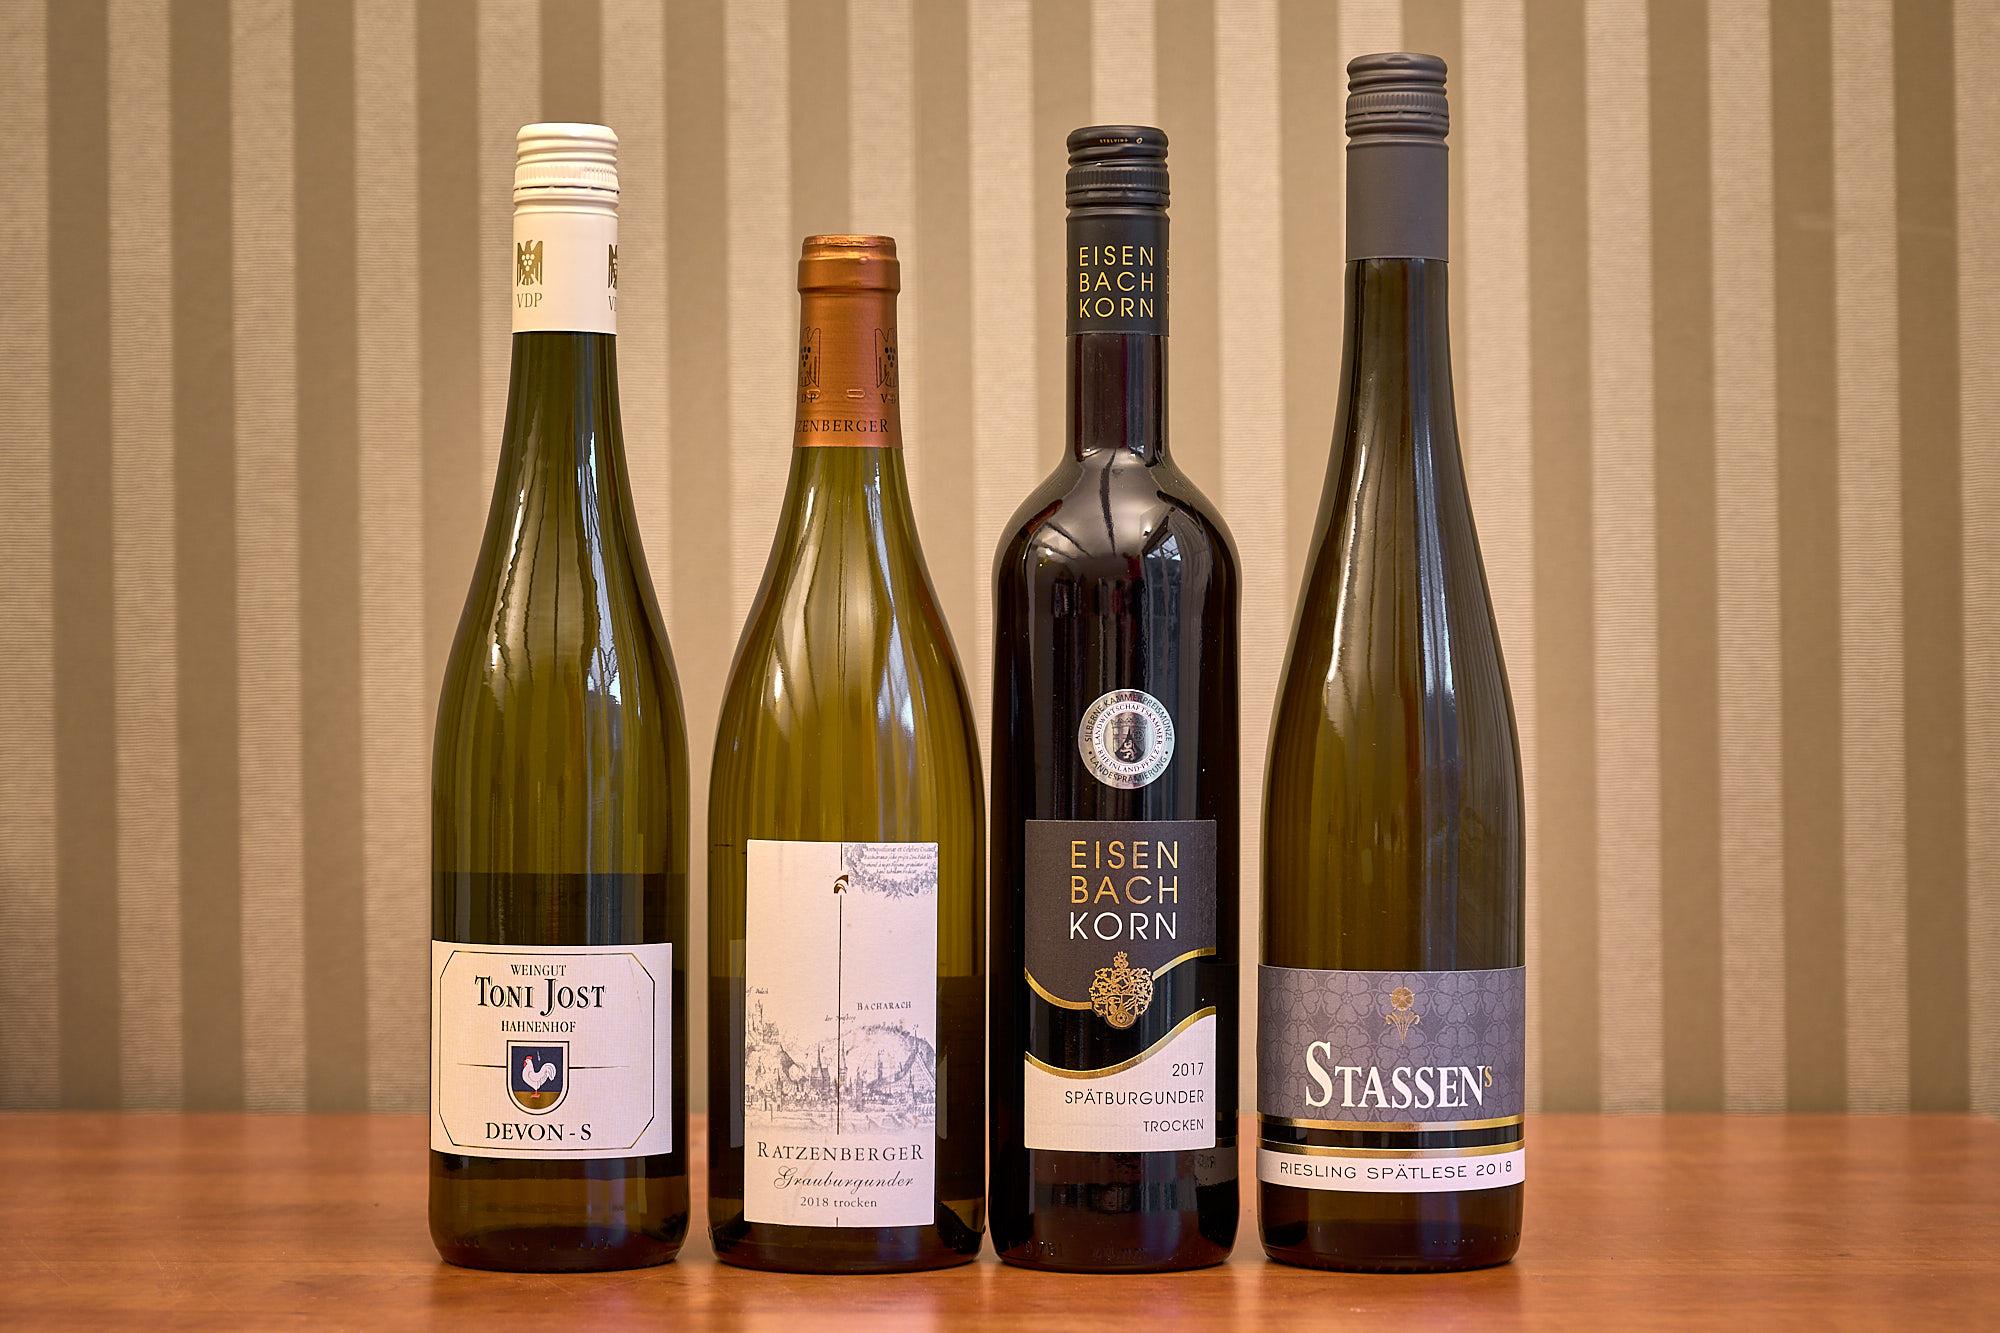 Das ausgesuchte Weinpaket zum digitalem Kochkurs Vol 3 Foto: © Achim Meurer www.achimmeurer.com